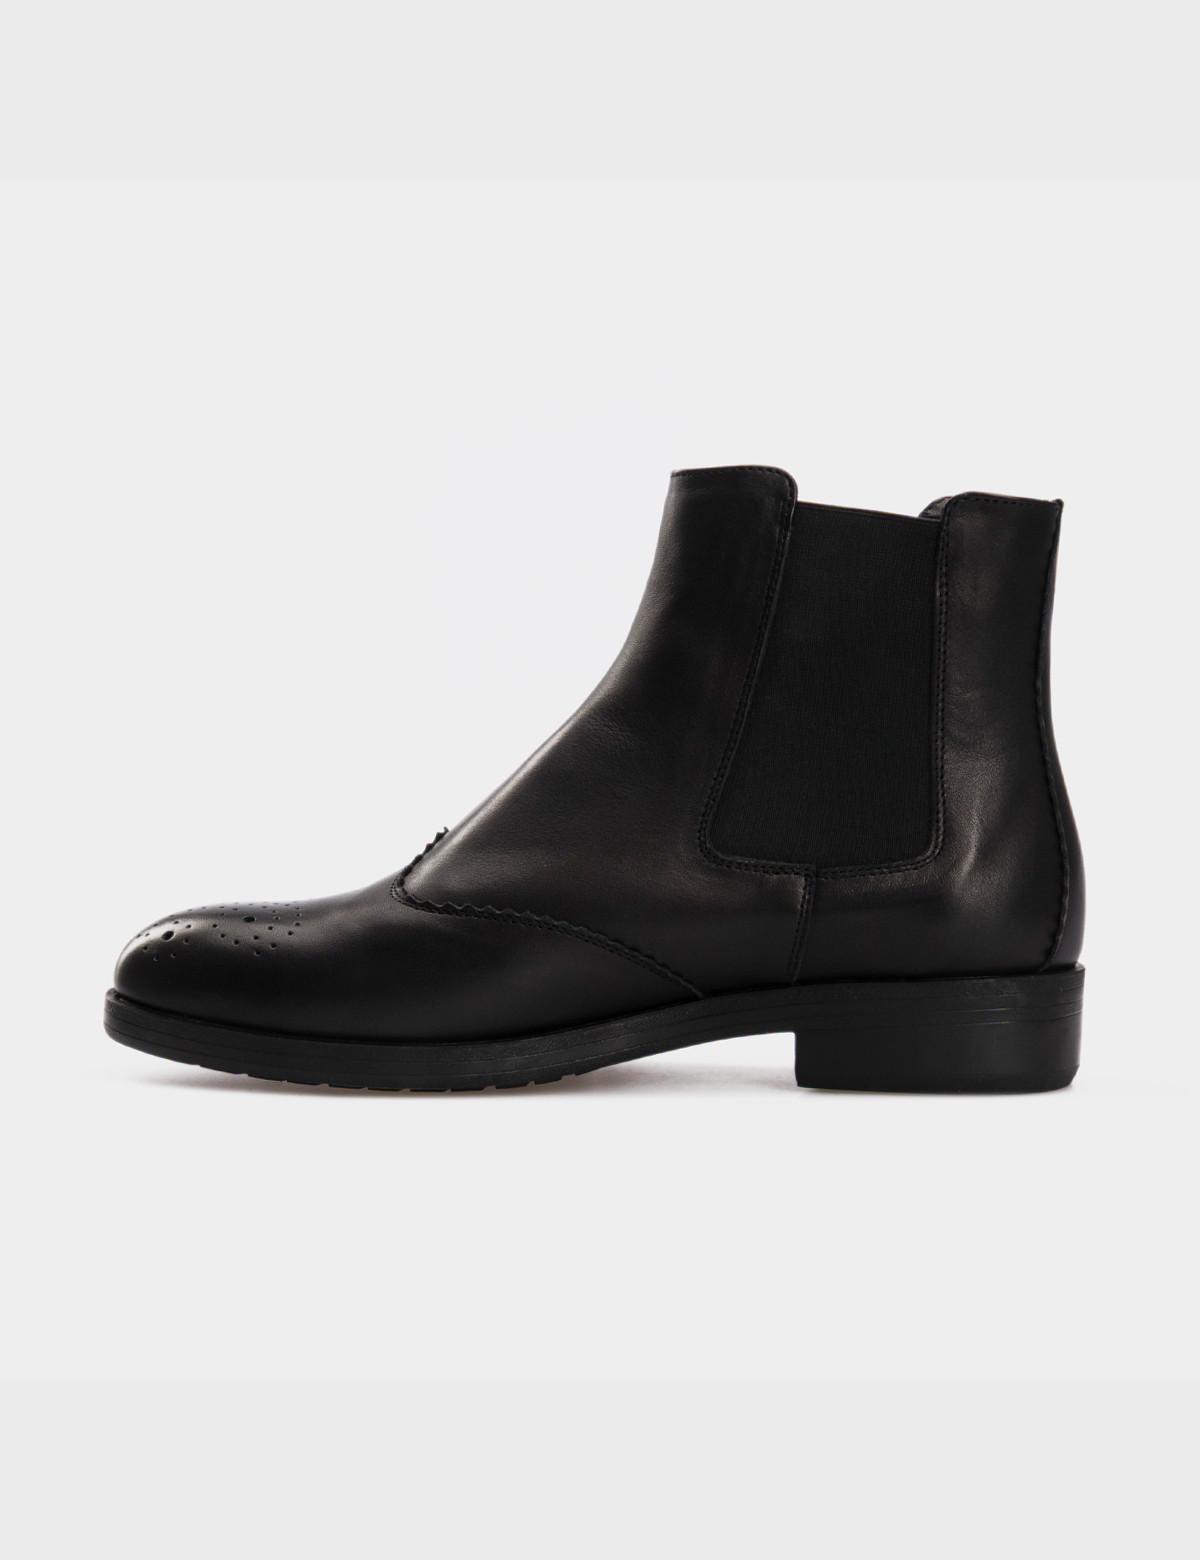 Ботинки черные, натуральная кожа. Байка2